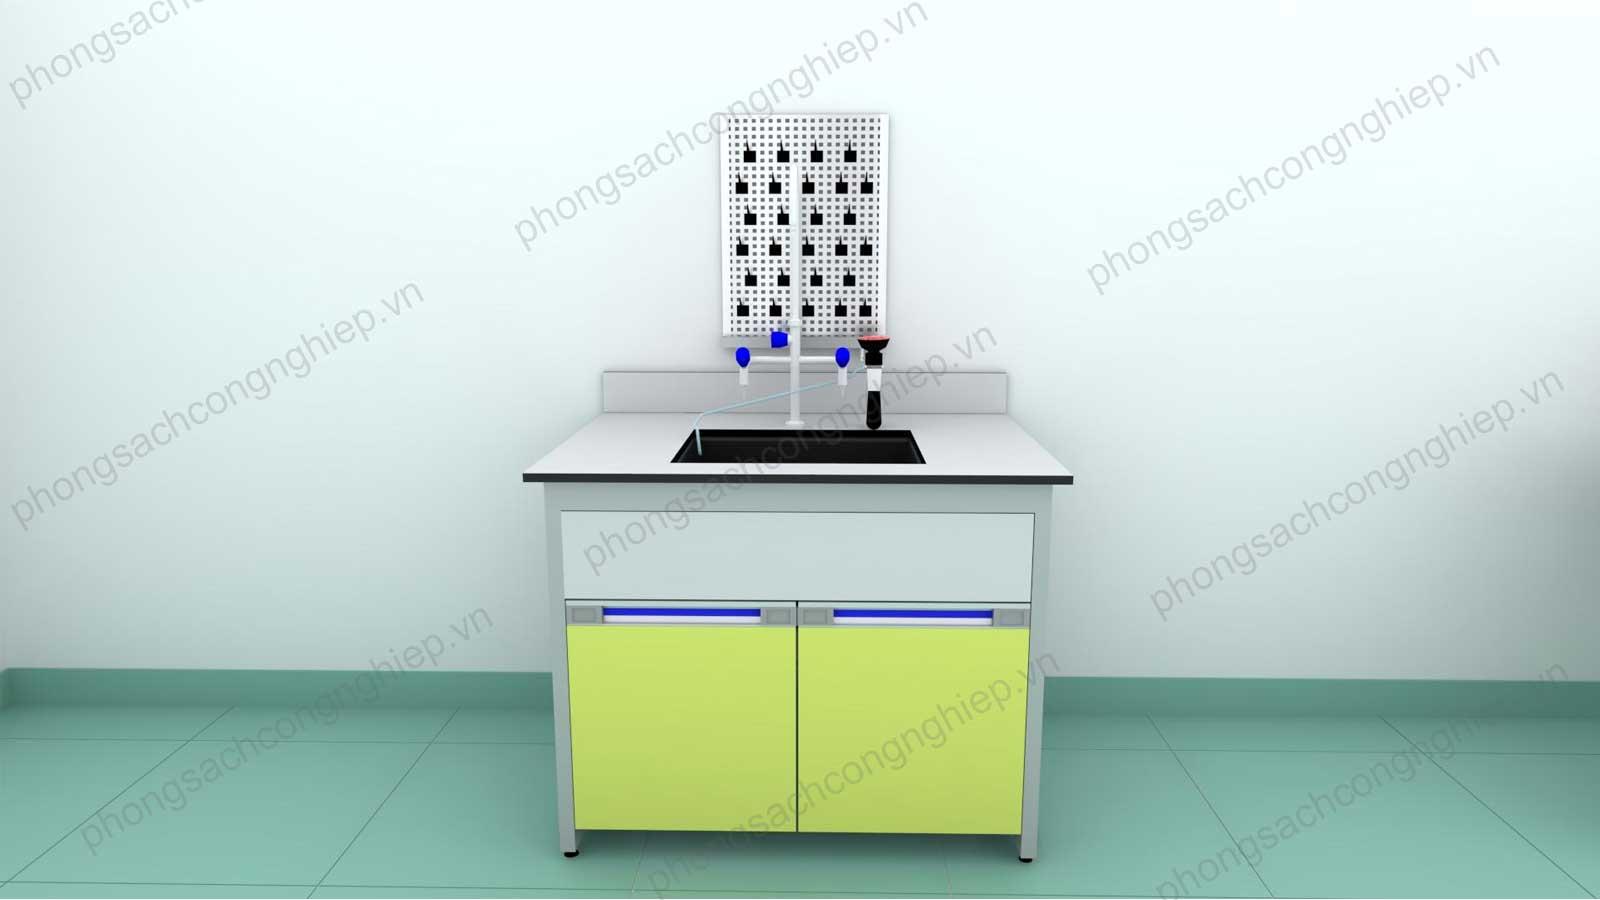 bàn chậu rửa phòng thí nghiệm mẫu 3